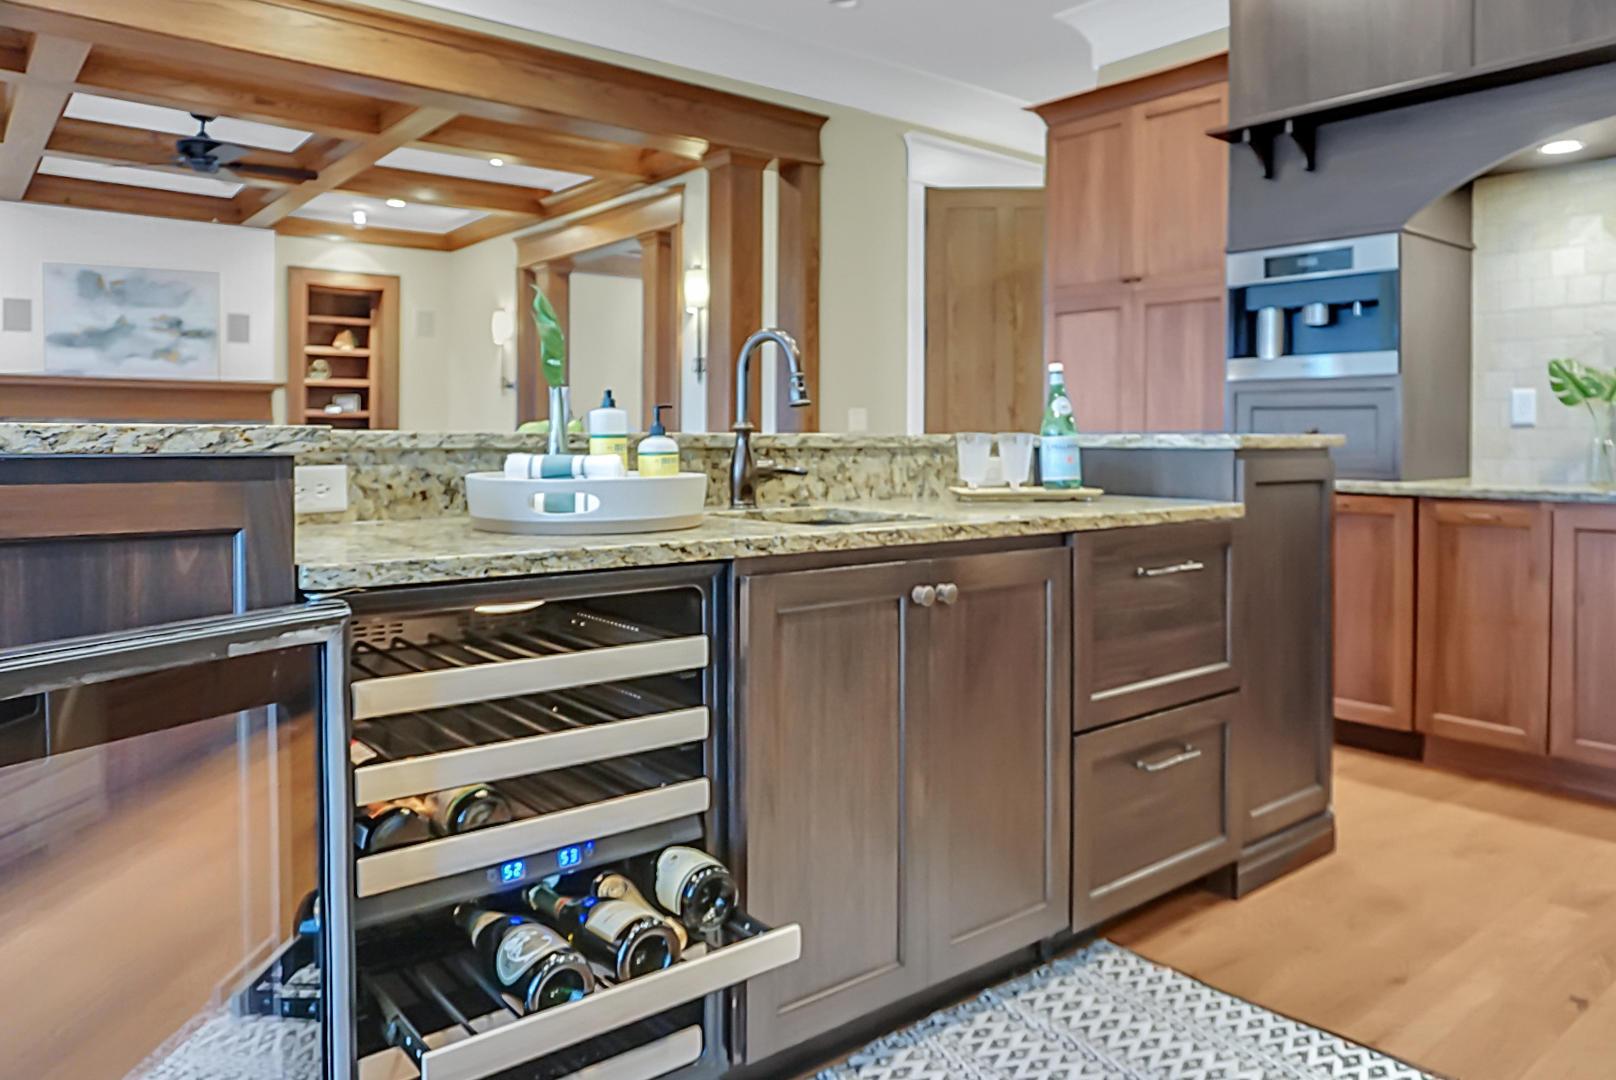 Dunes West Homes For Sale - 2978 River Vista, Mount Pleasant, SC - 33